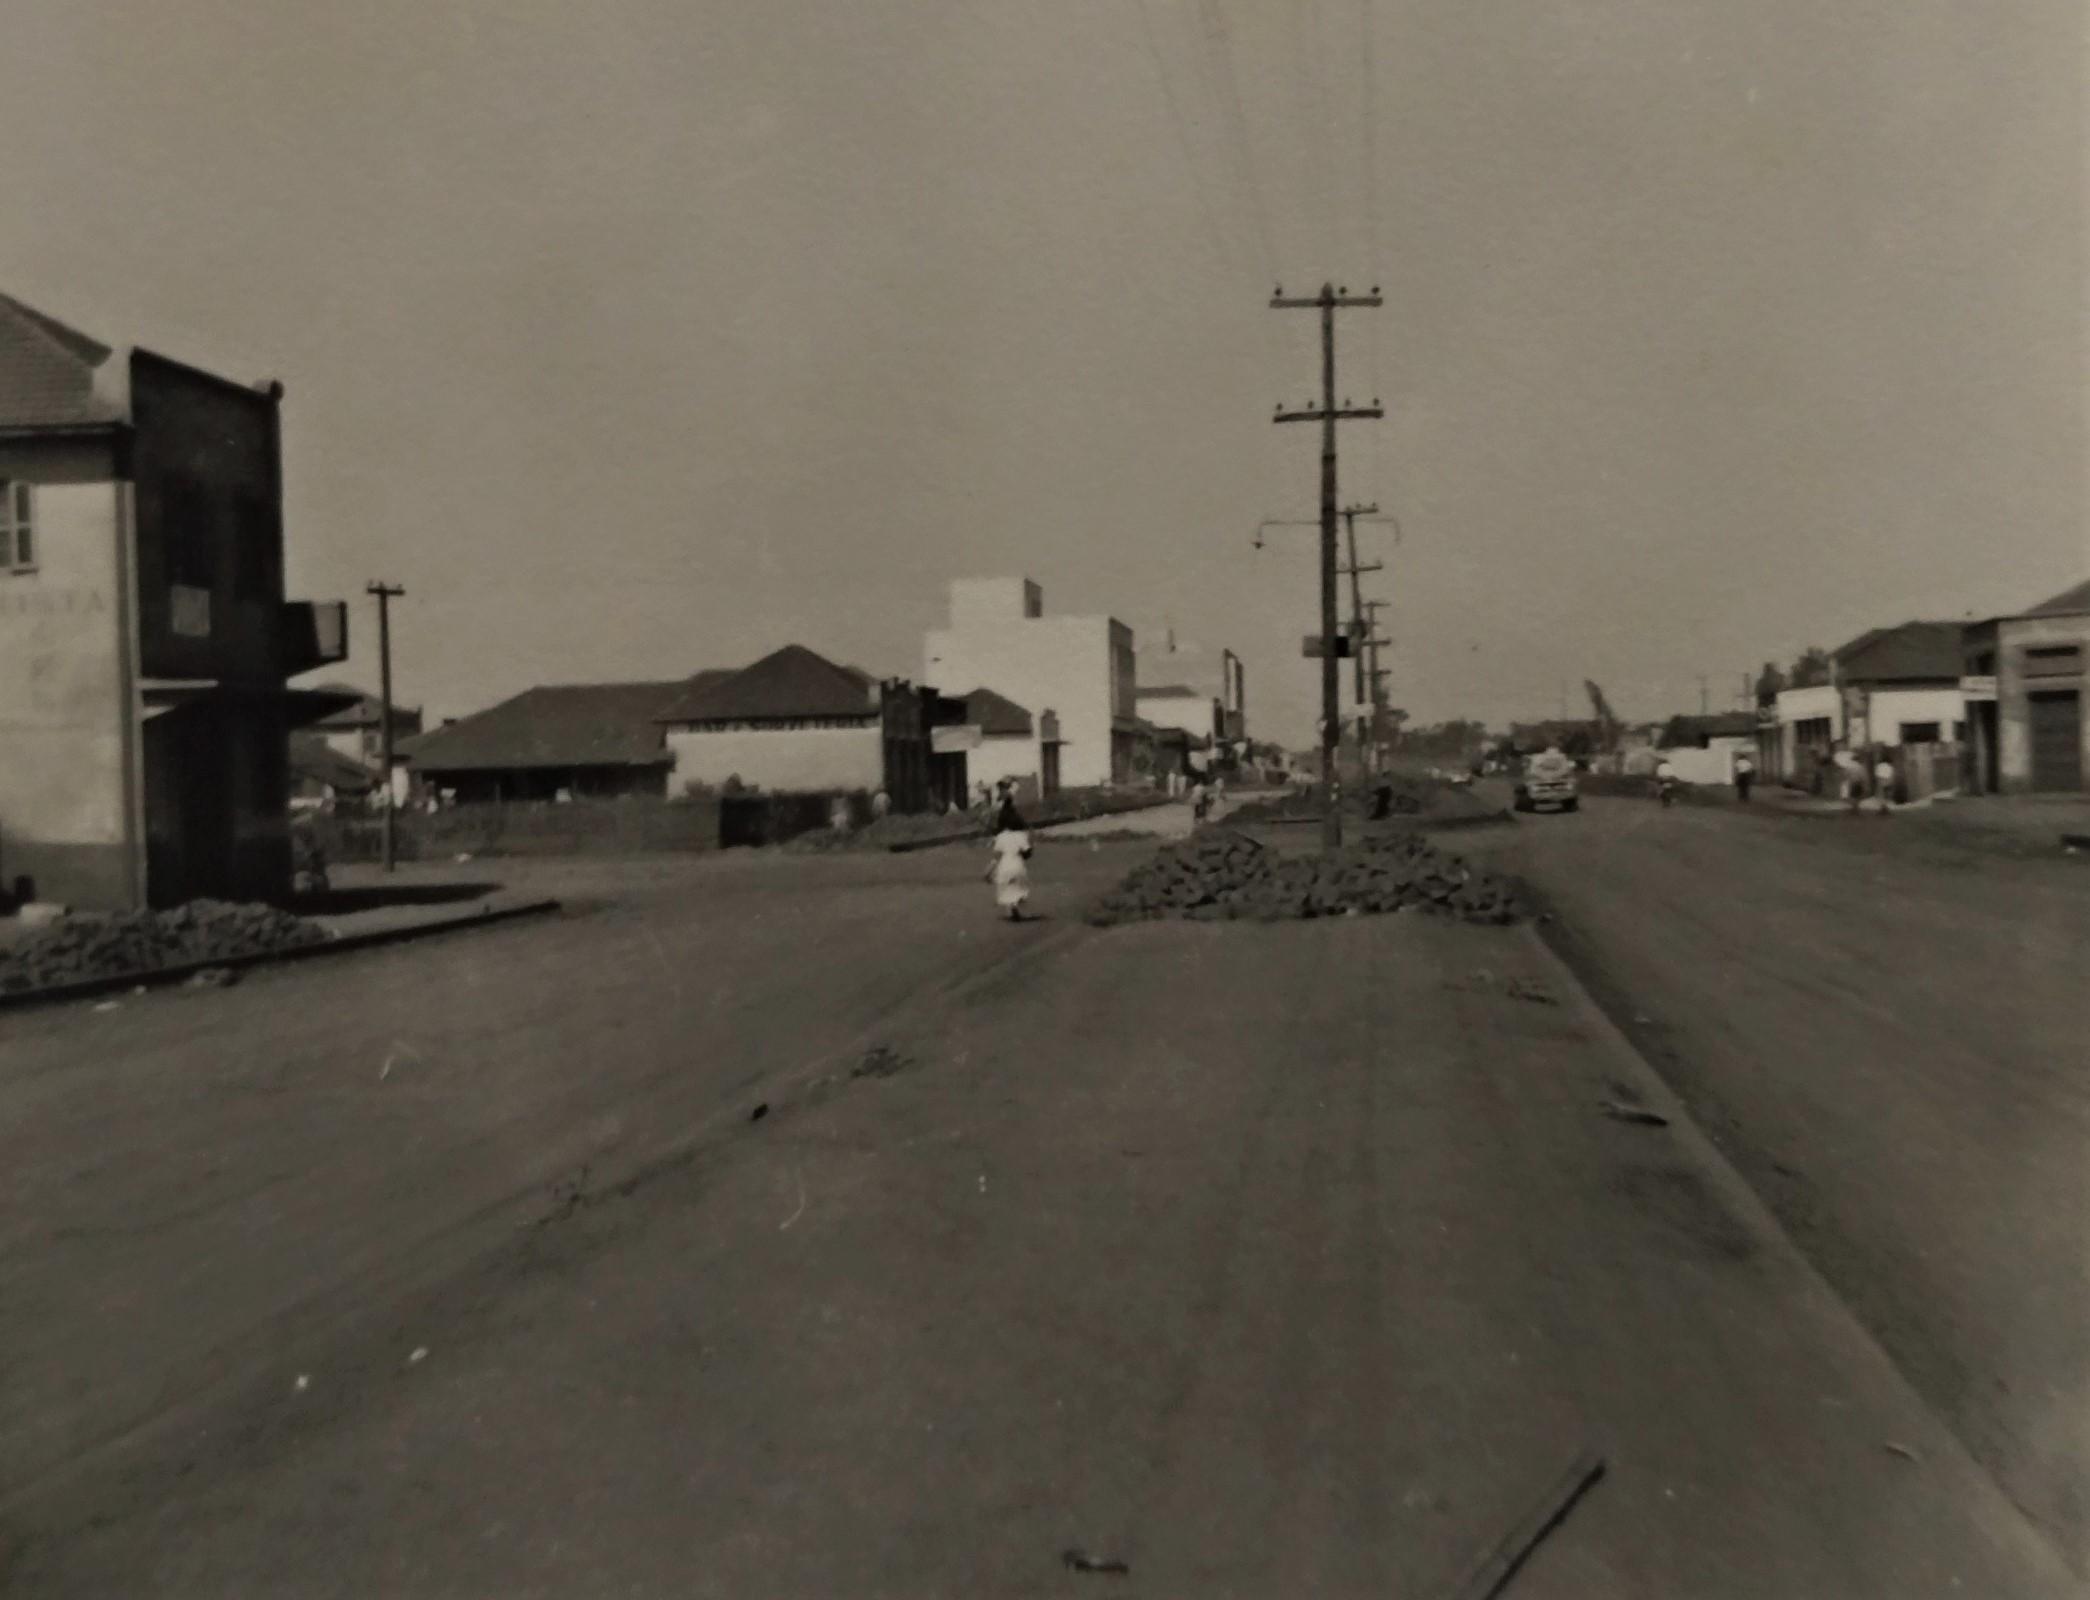 Avenida Brasil esquina com a avenida Herval - Década de 1950